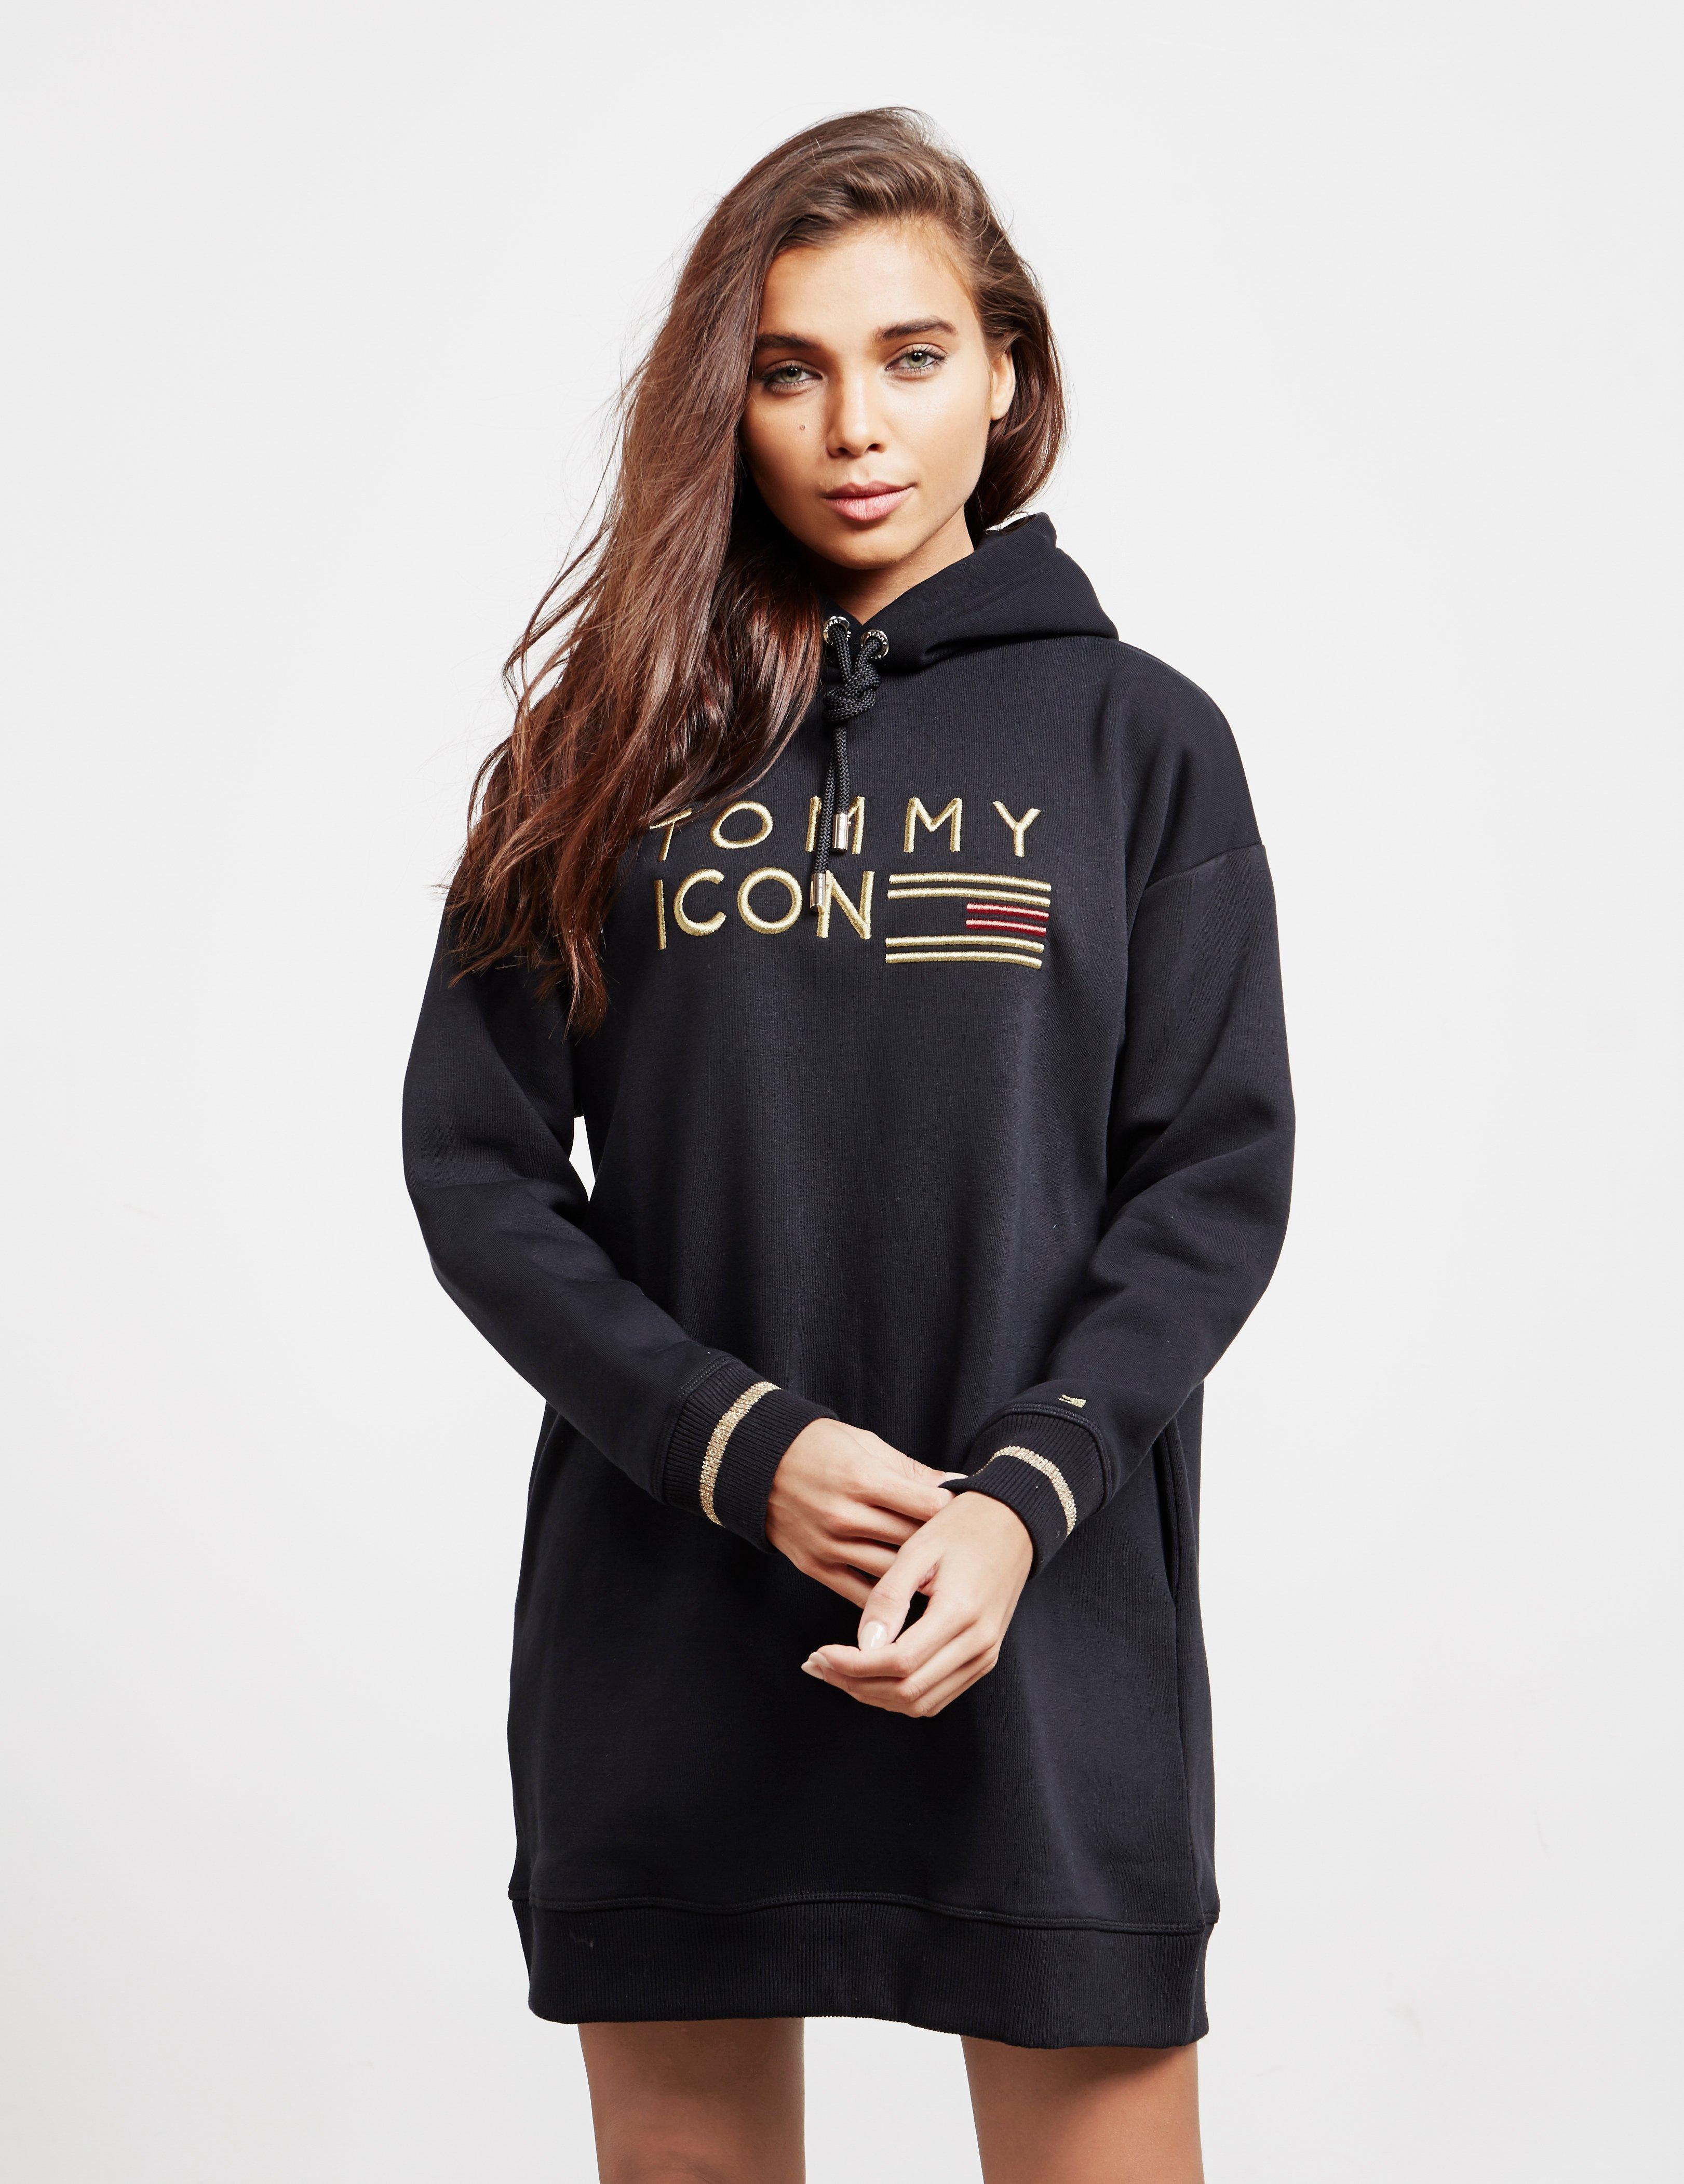 6ef03de7 Tommy Hilfiger Womens Noelle Hooded Dress Black in Black - Lyst